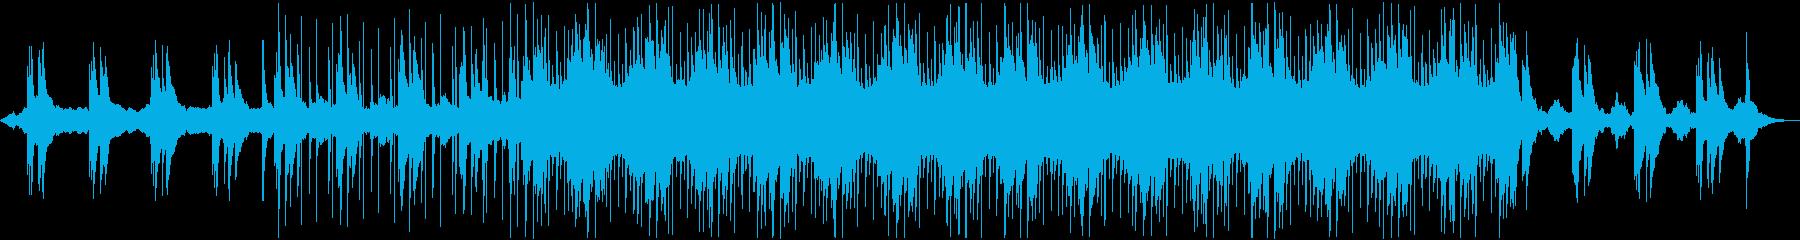 暖かさに包まれるチルホップ [ピアノ]の再生済みの波形